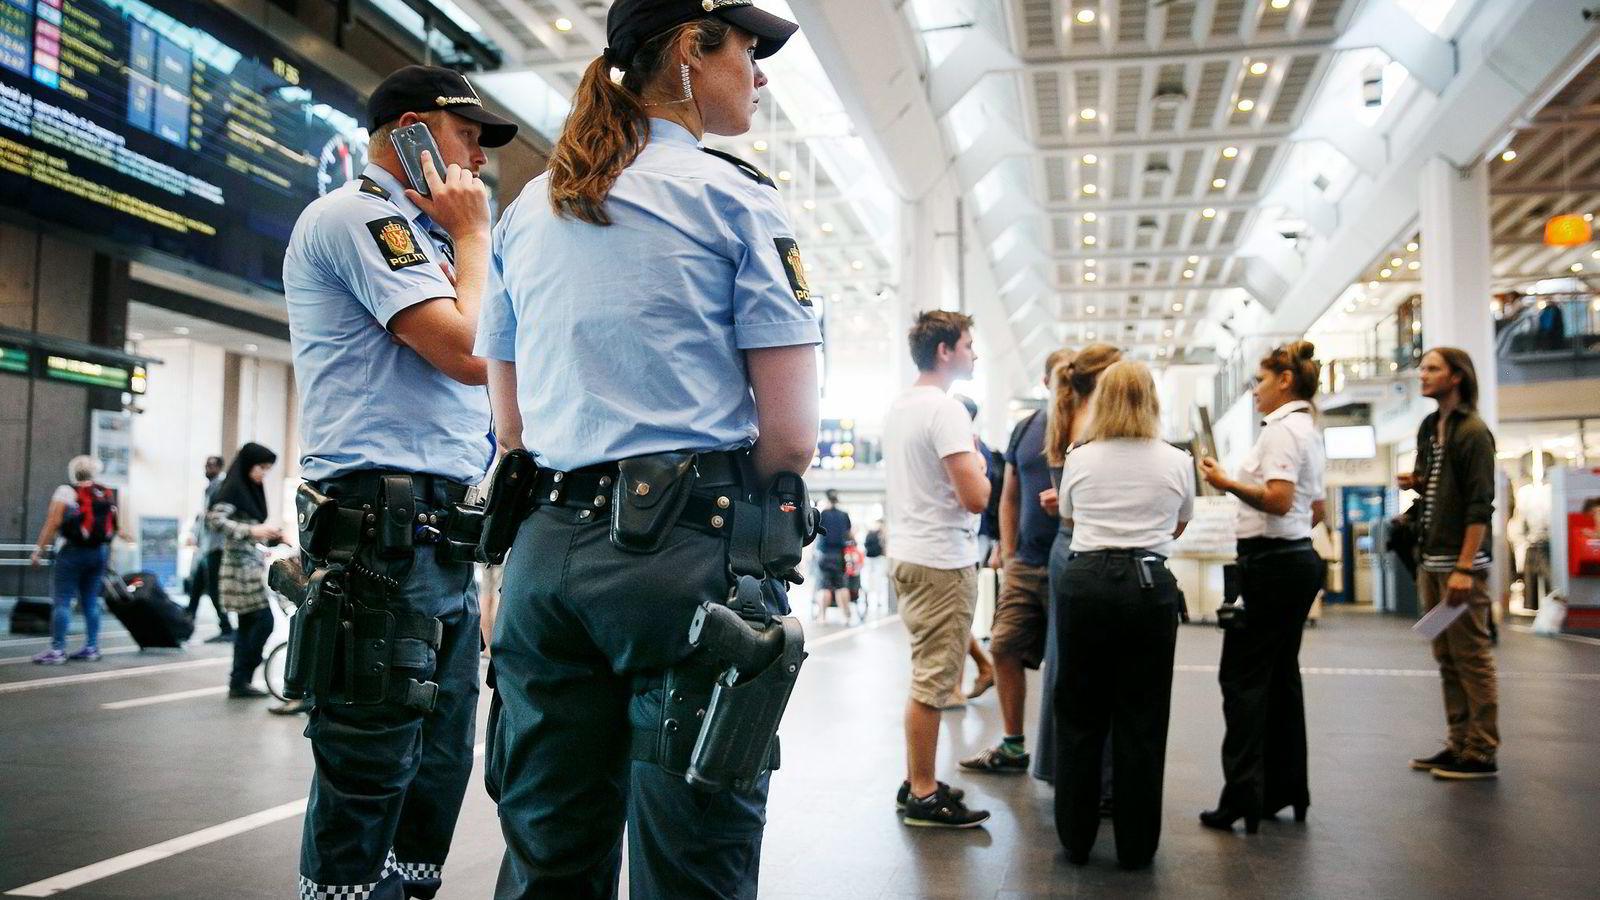 «Når man rekrutterer ledere i politistillinger, velger man ikke blant hele befolkningen. Blant dem som har politiutdannelse er færre enn en tredjedel kvinner (29 prosent)», skriver artikkelforfatteren. Foto: Heiko Junge/